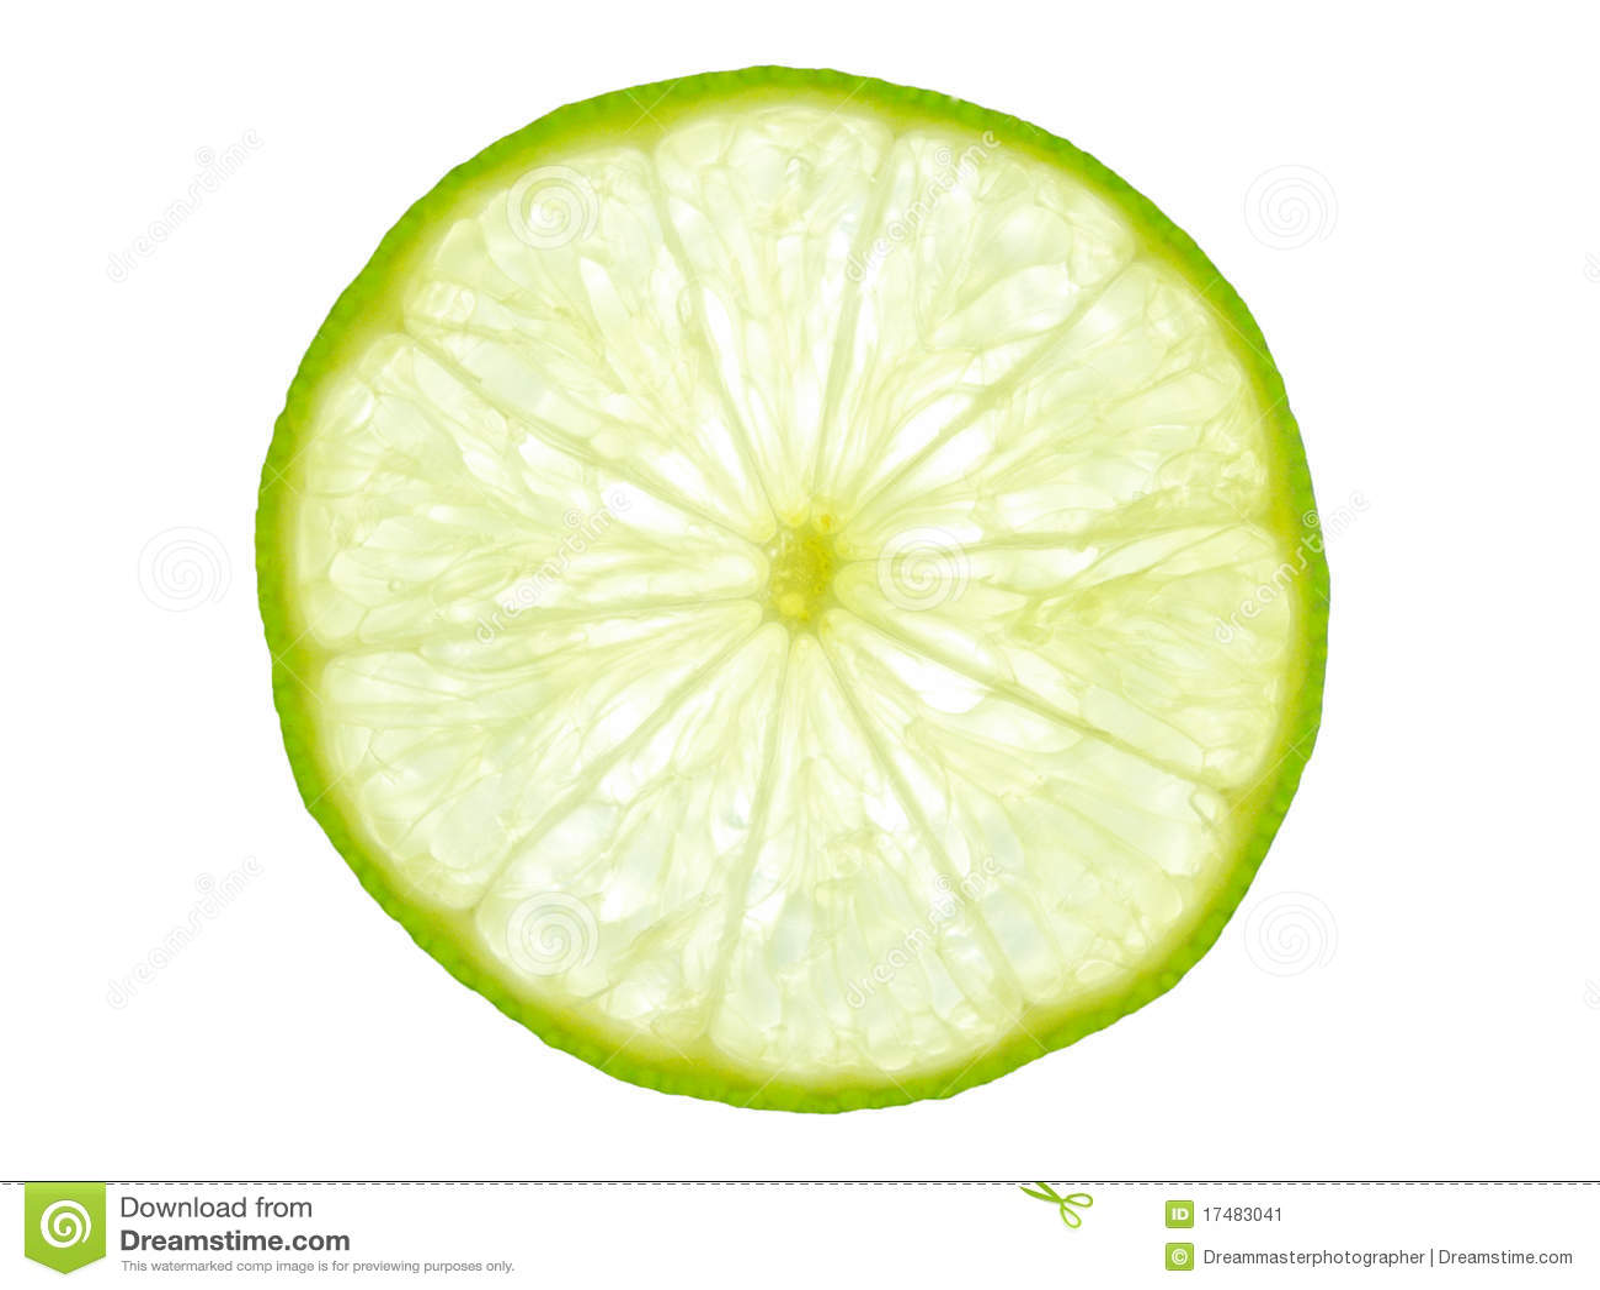 Green Lemon Slice Backlit Stock Image Image 17483041